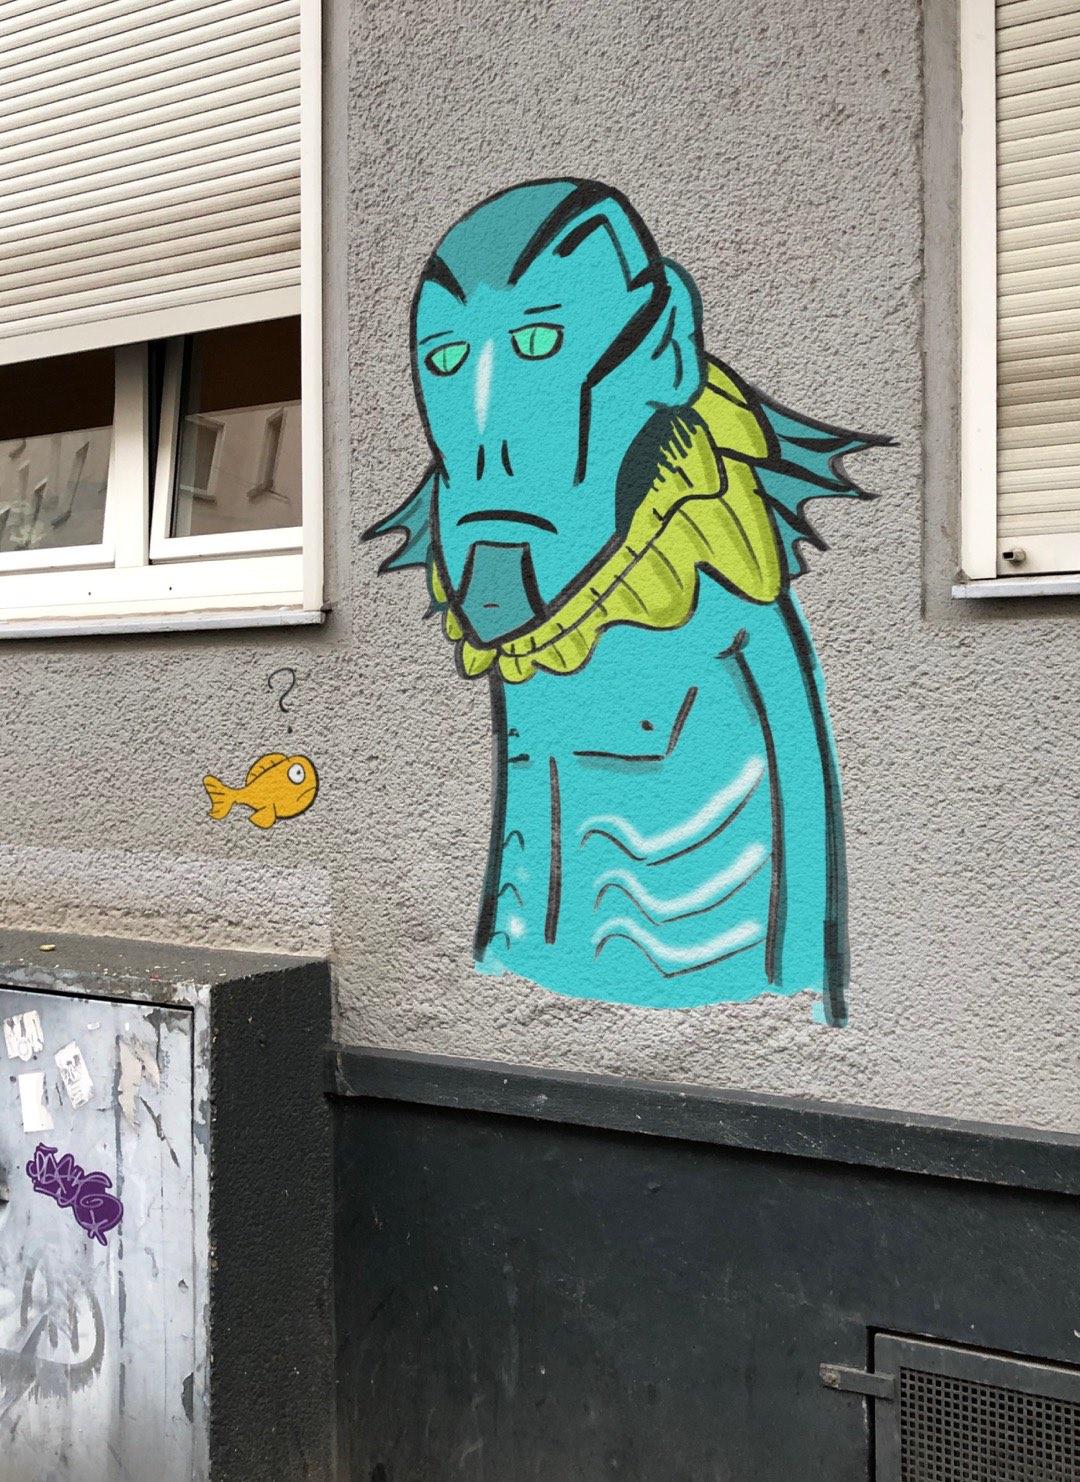 Digitale Abe Sapien Street Art auf einem Hauswandfoto.